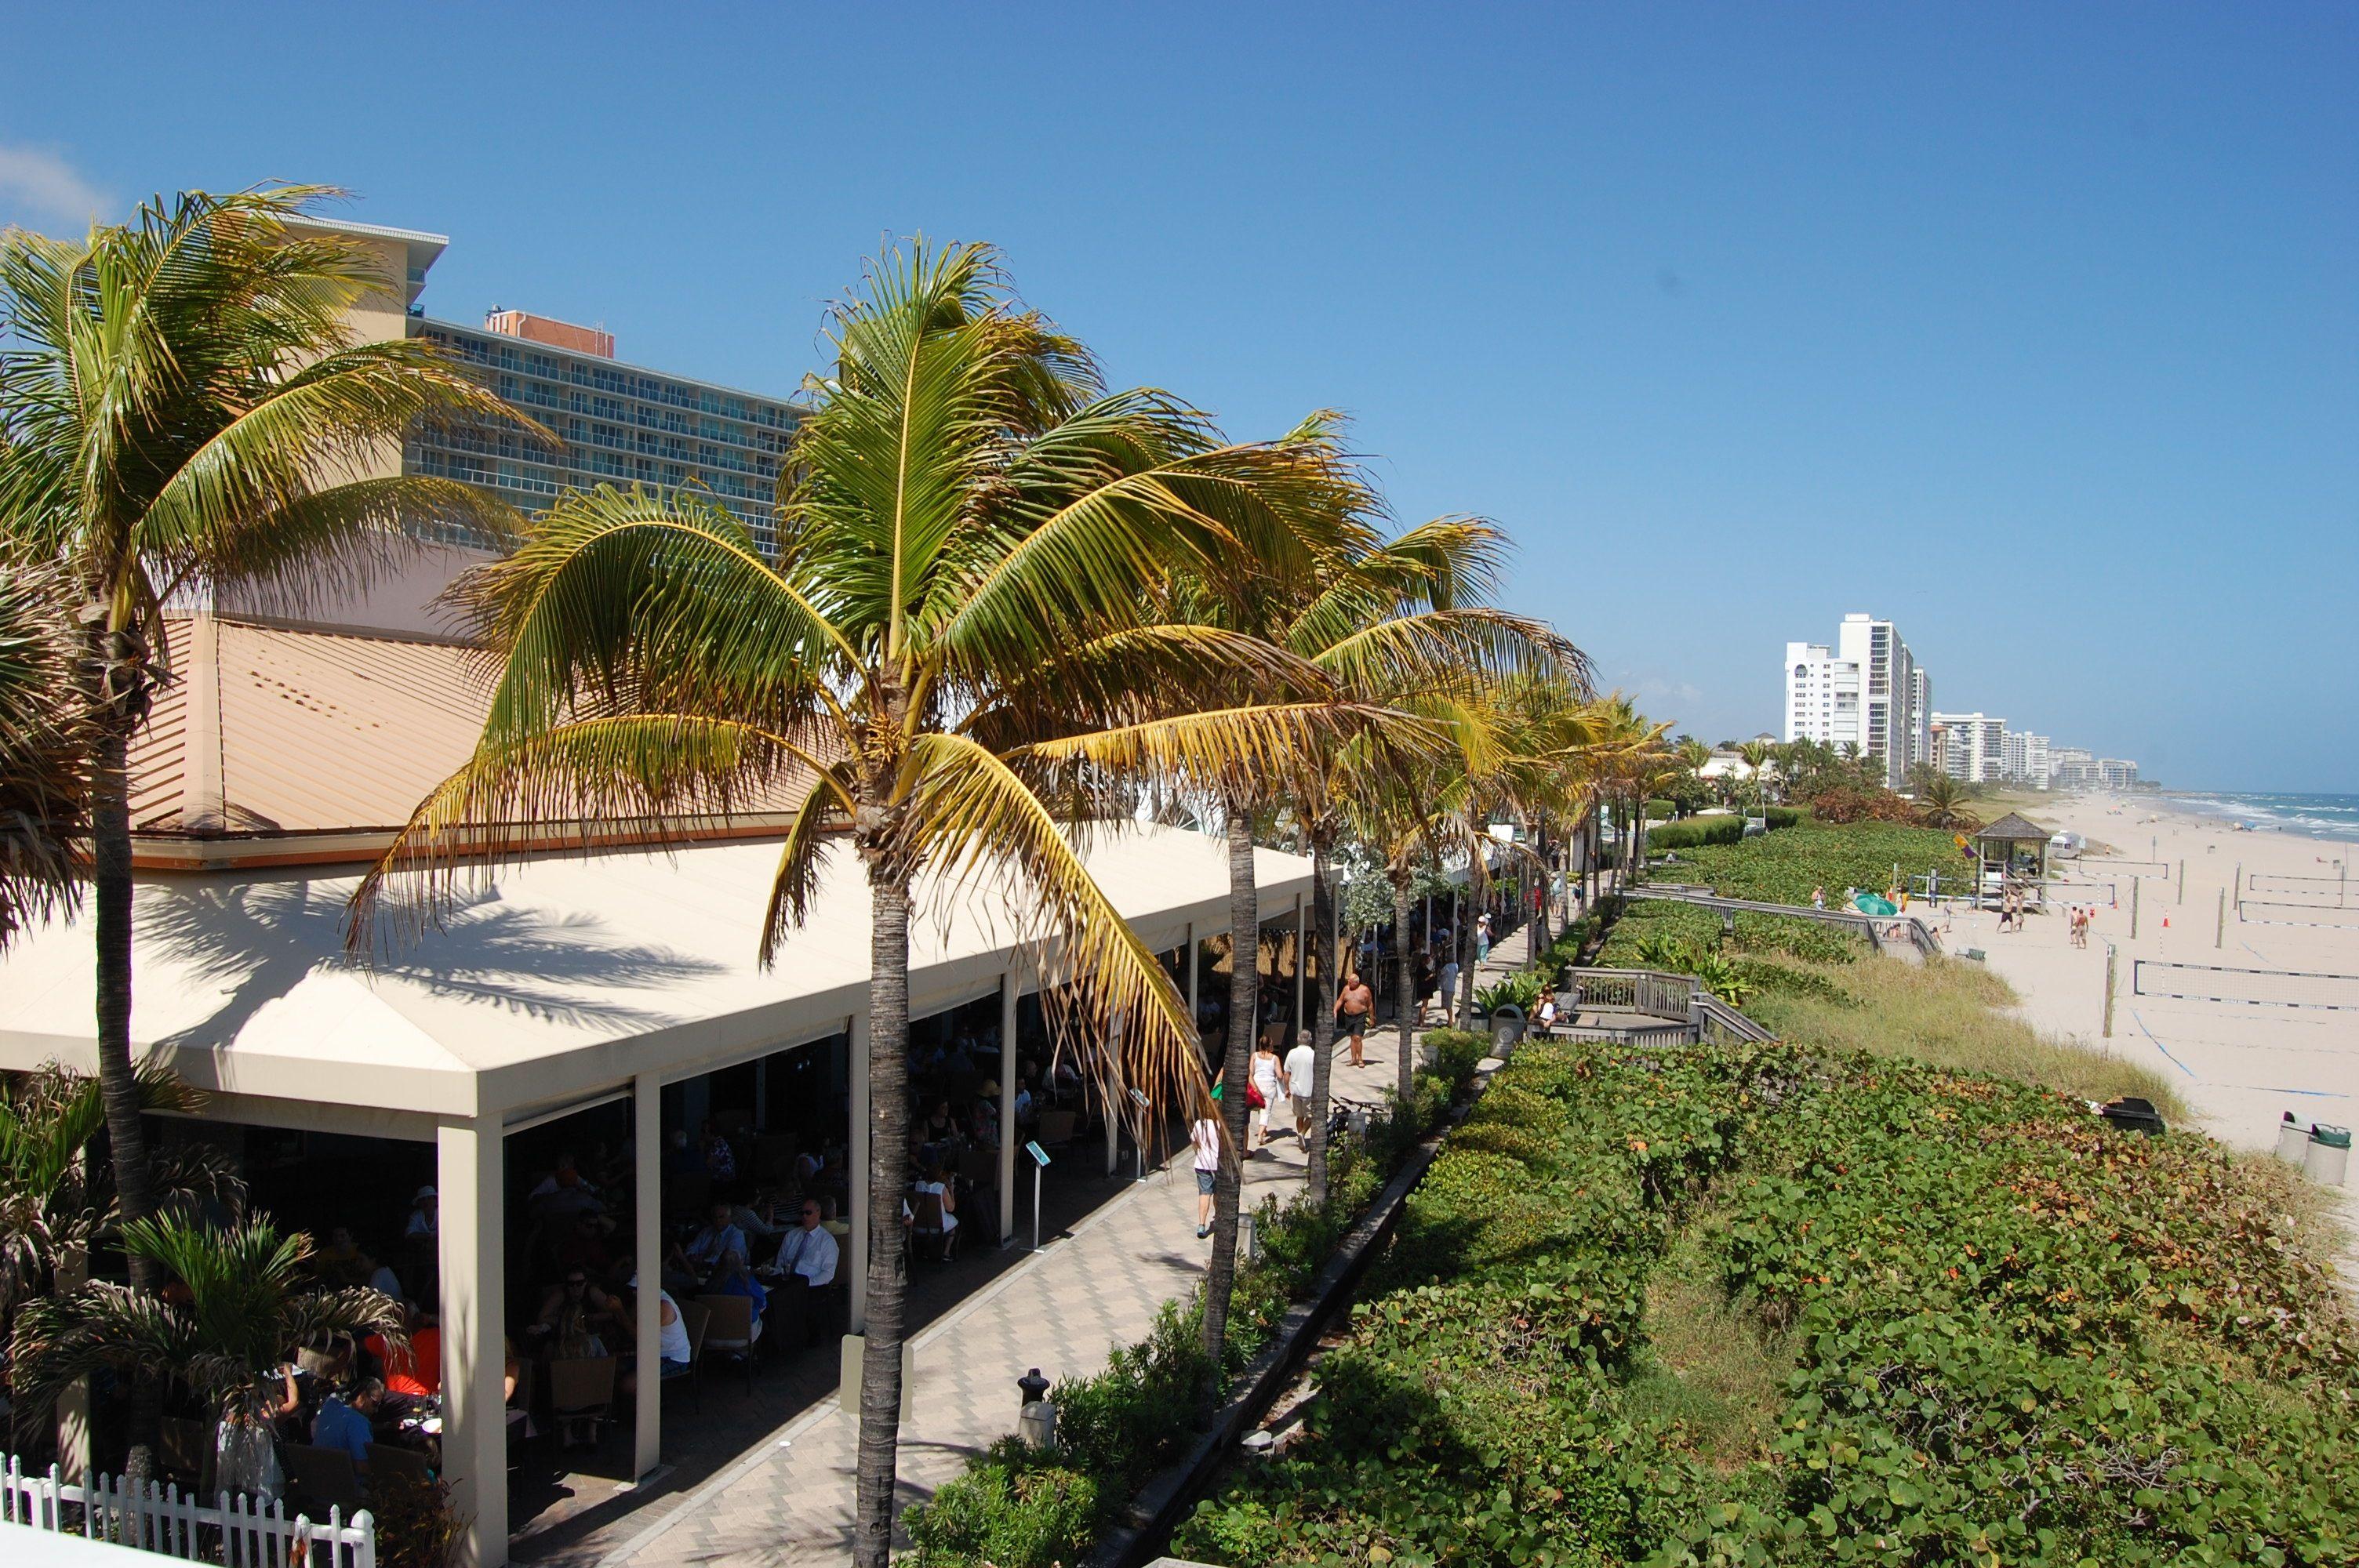 2caba5574b9feb673bd1a2fcef24552c - The Walking Company Palm Beach Gardens